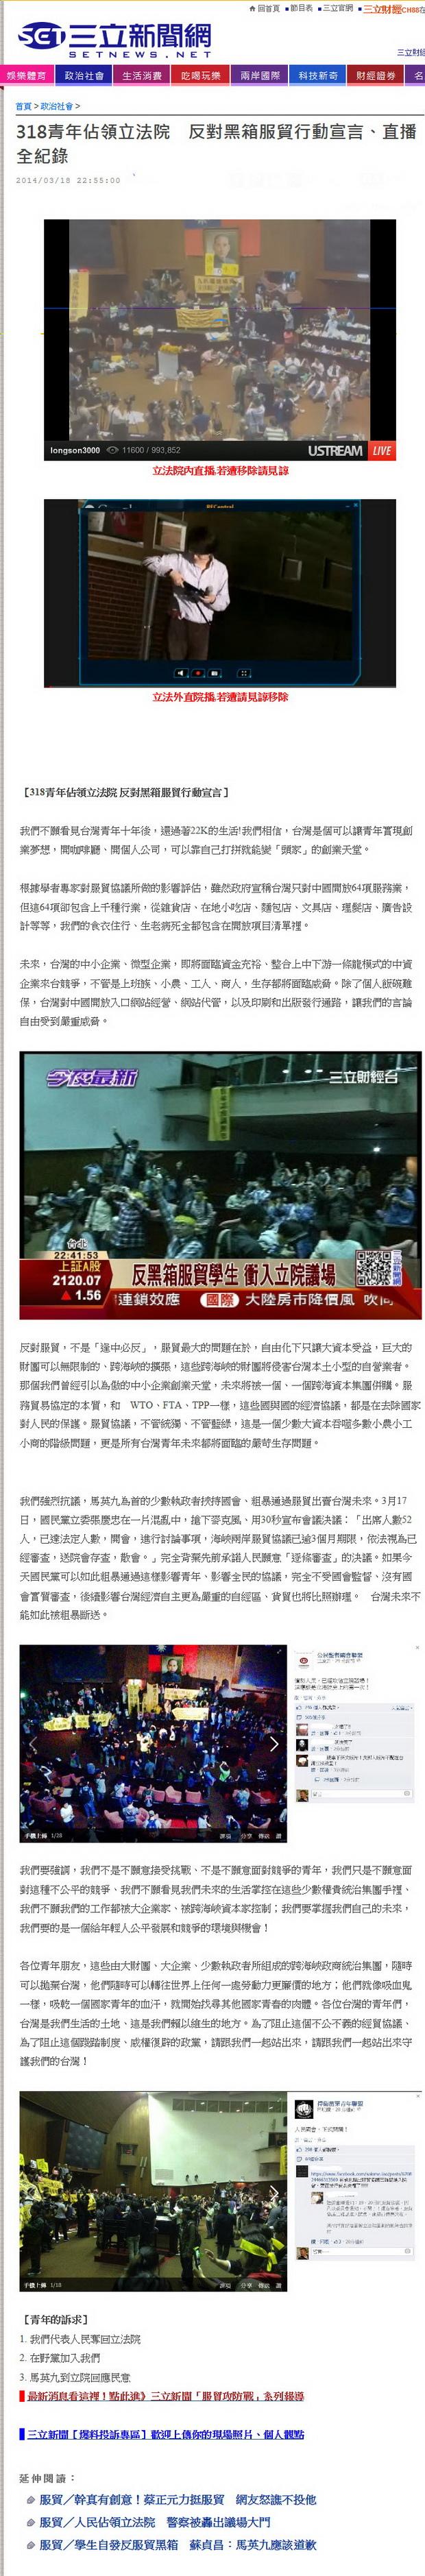 318青年佔領立法院 反對黑箱服貿行動宣言、直播全紀錄-2014.03.19.jpg